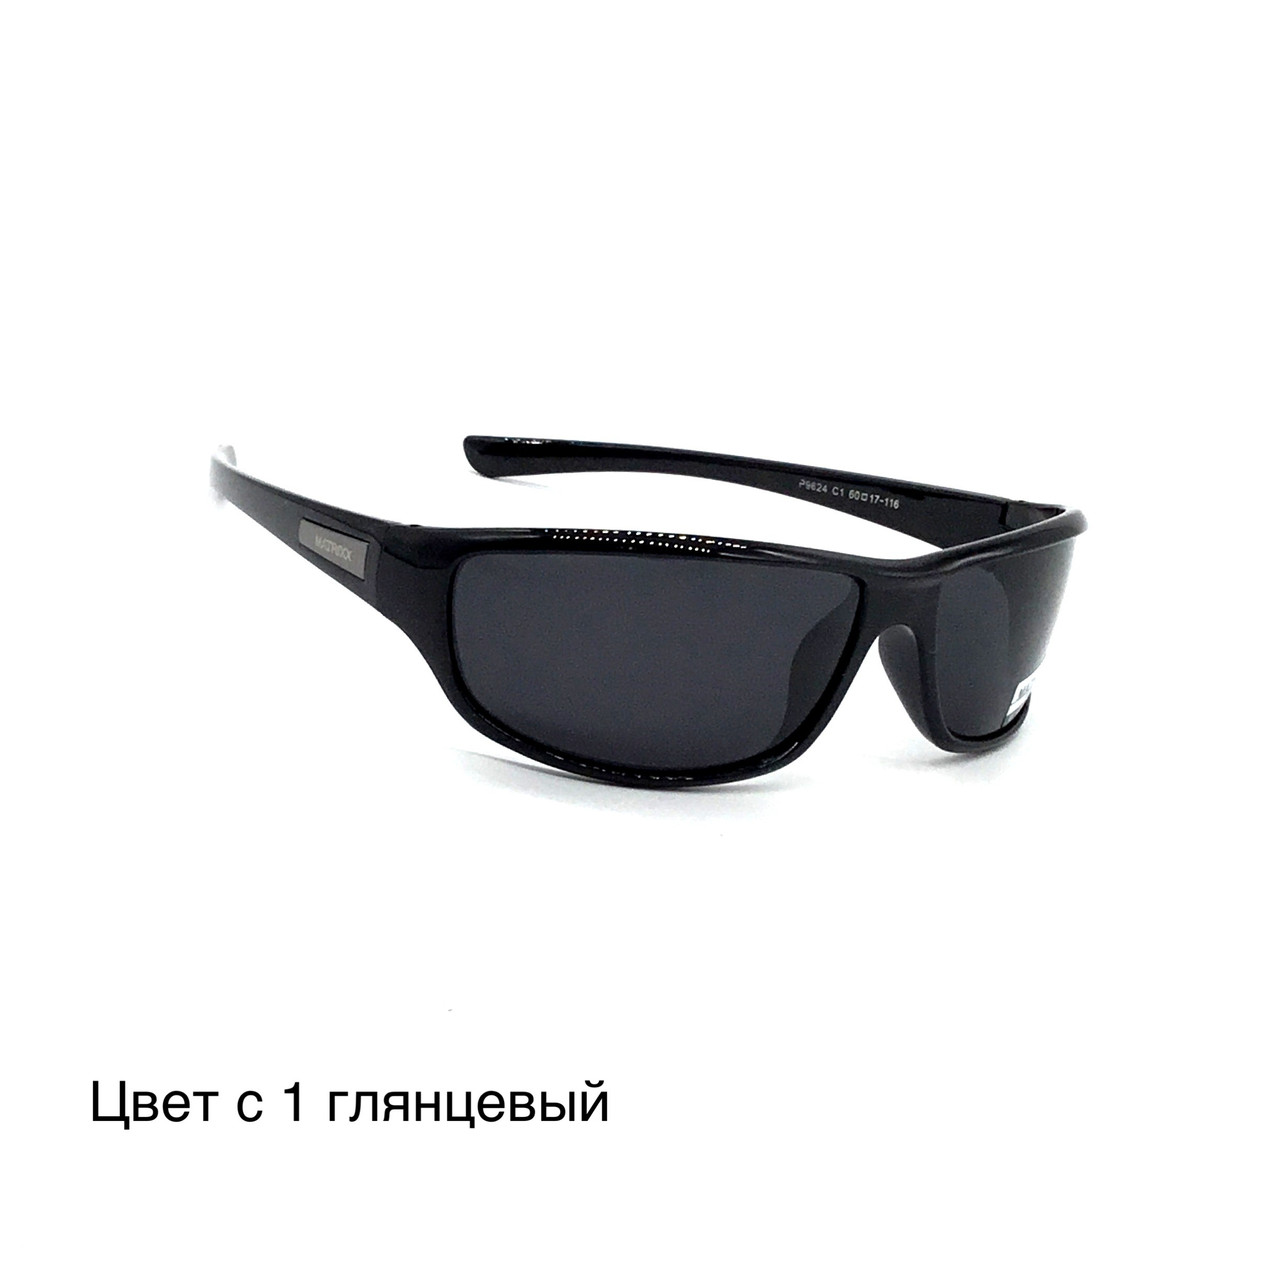 Мужские солнцезащитные очки с полароидной линзой